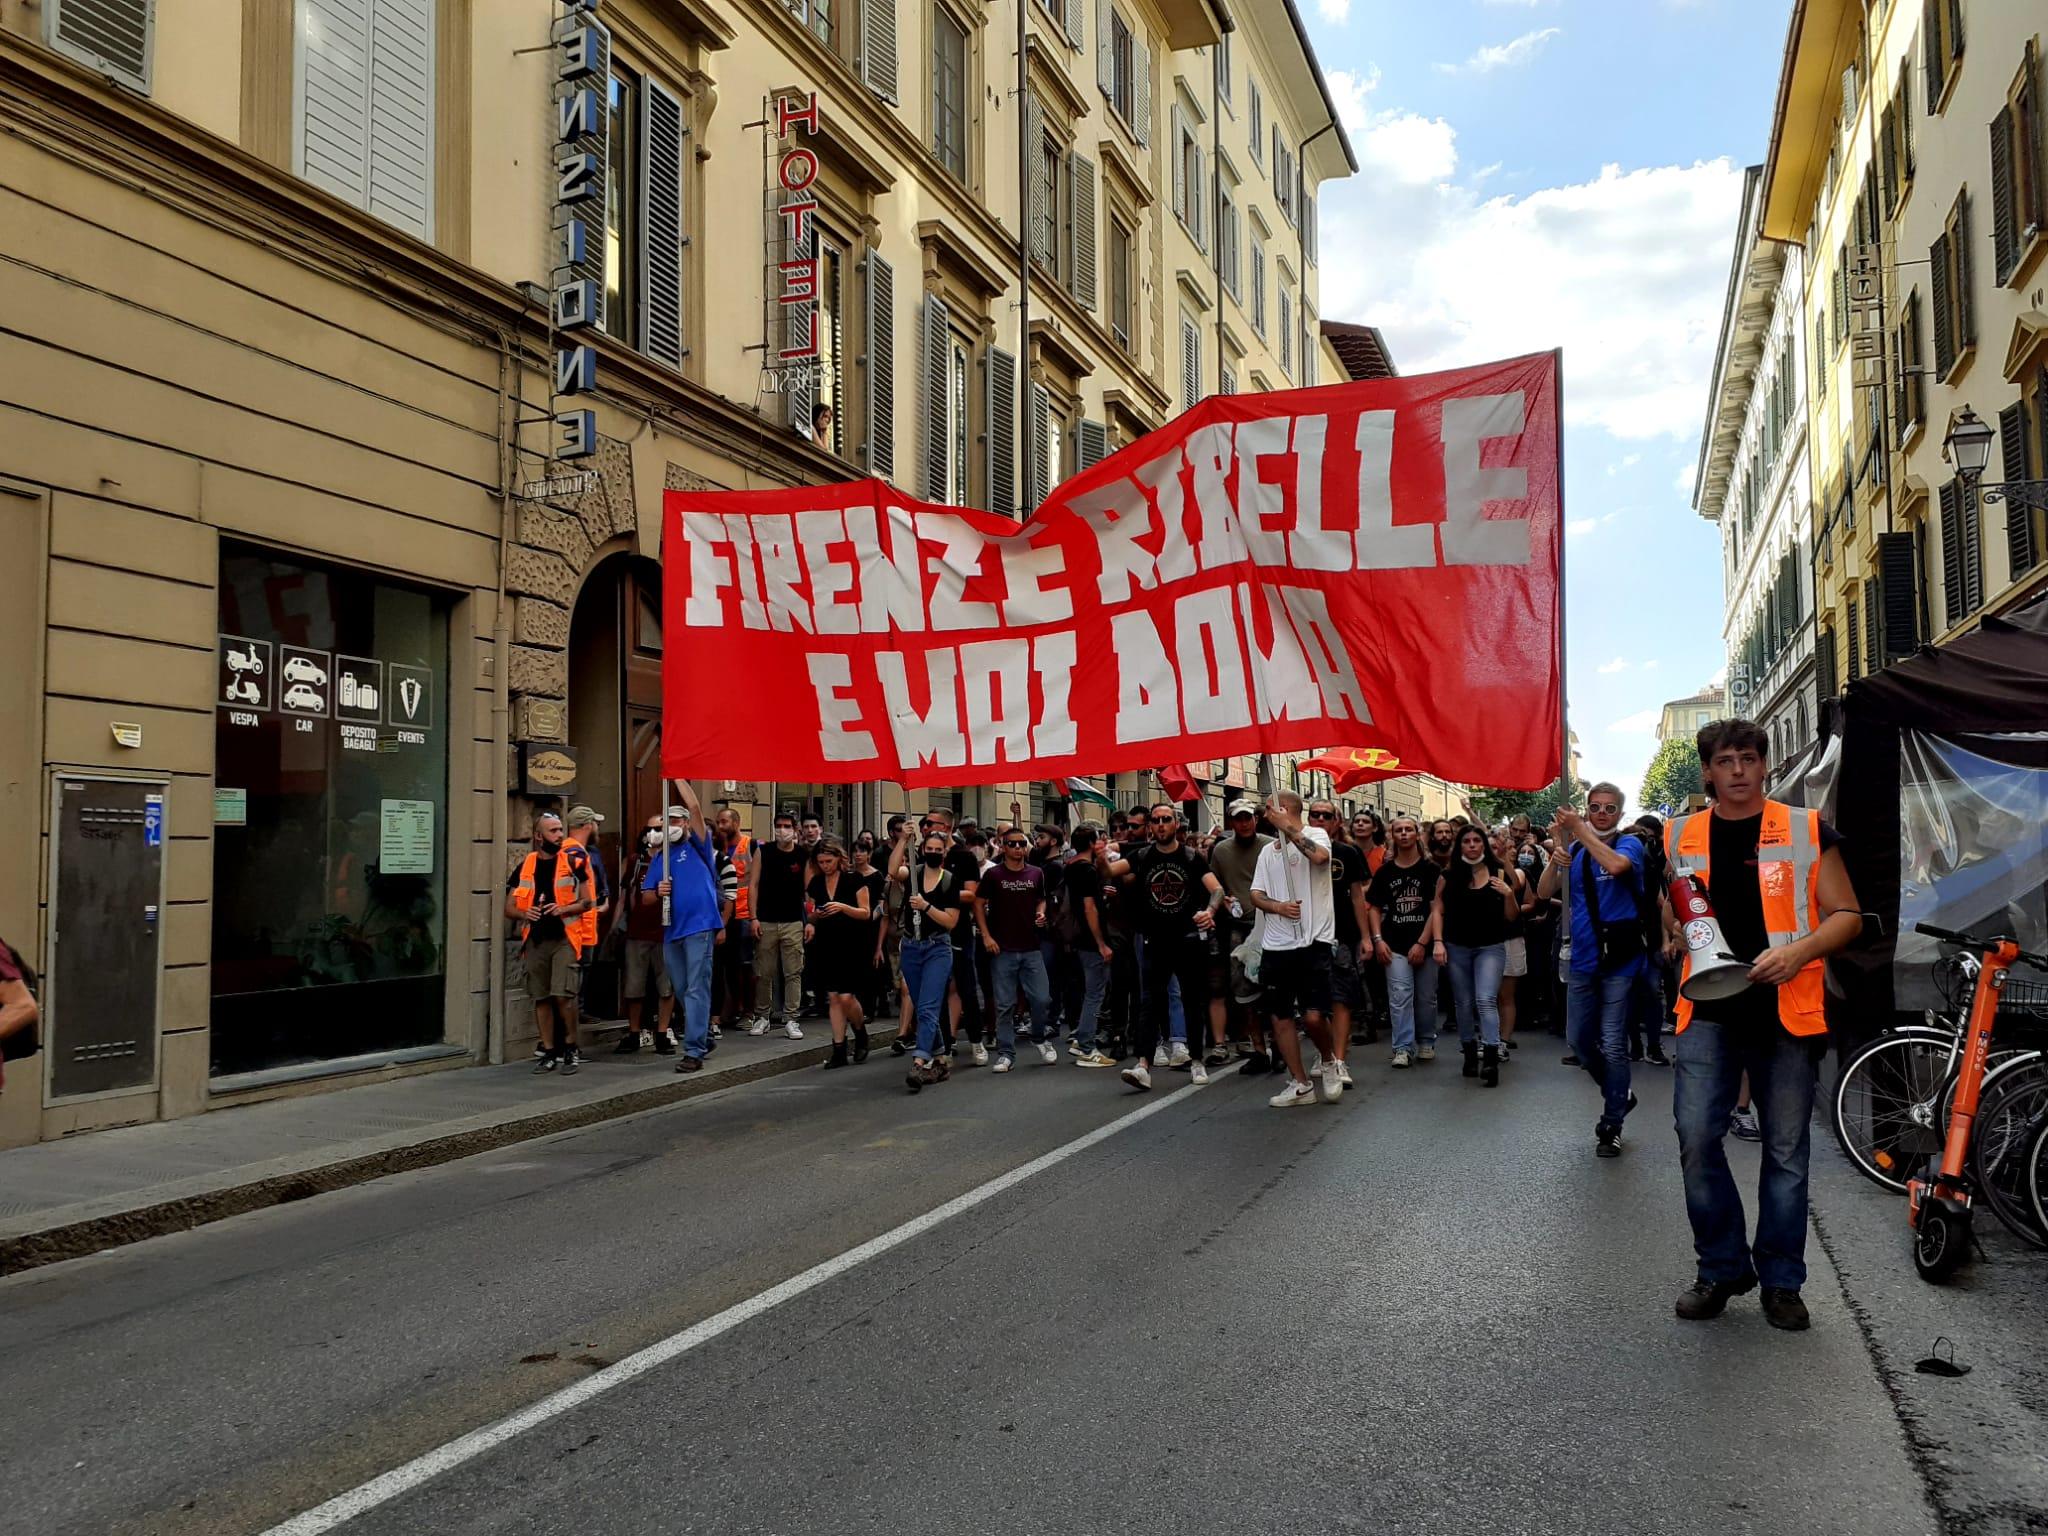 La politica sta ignorando la lotta dei lavoratori della GKN